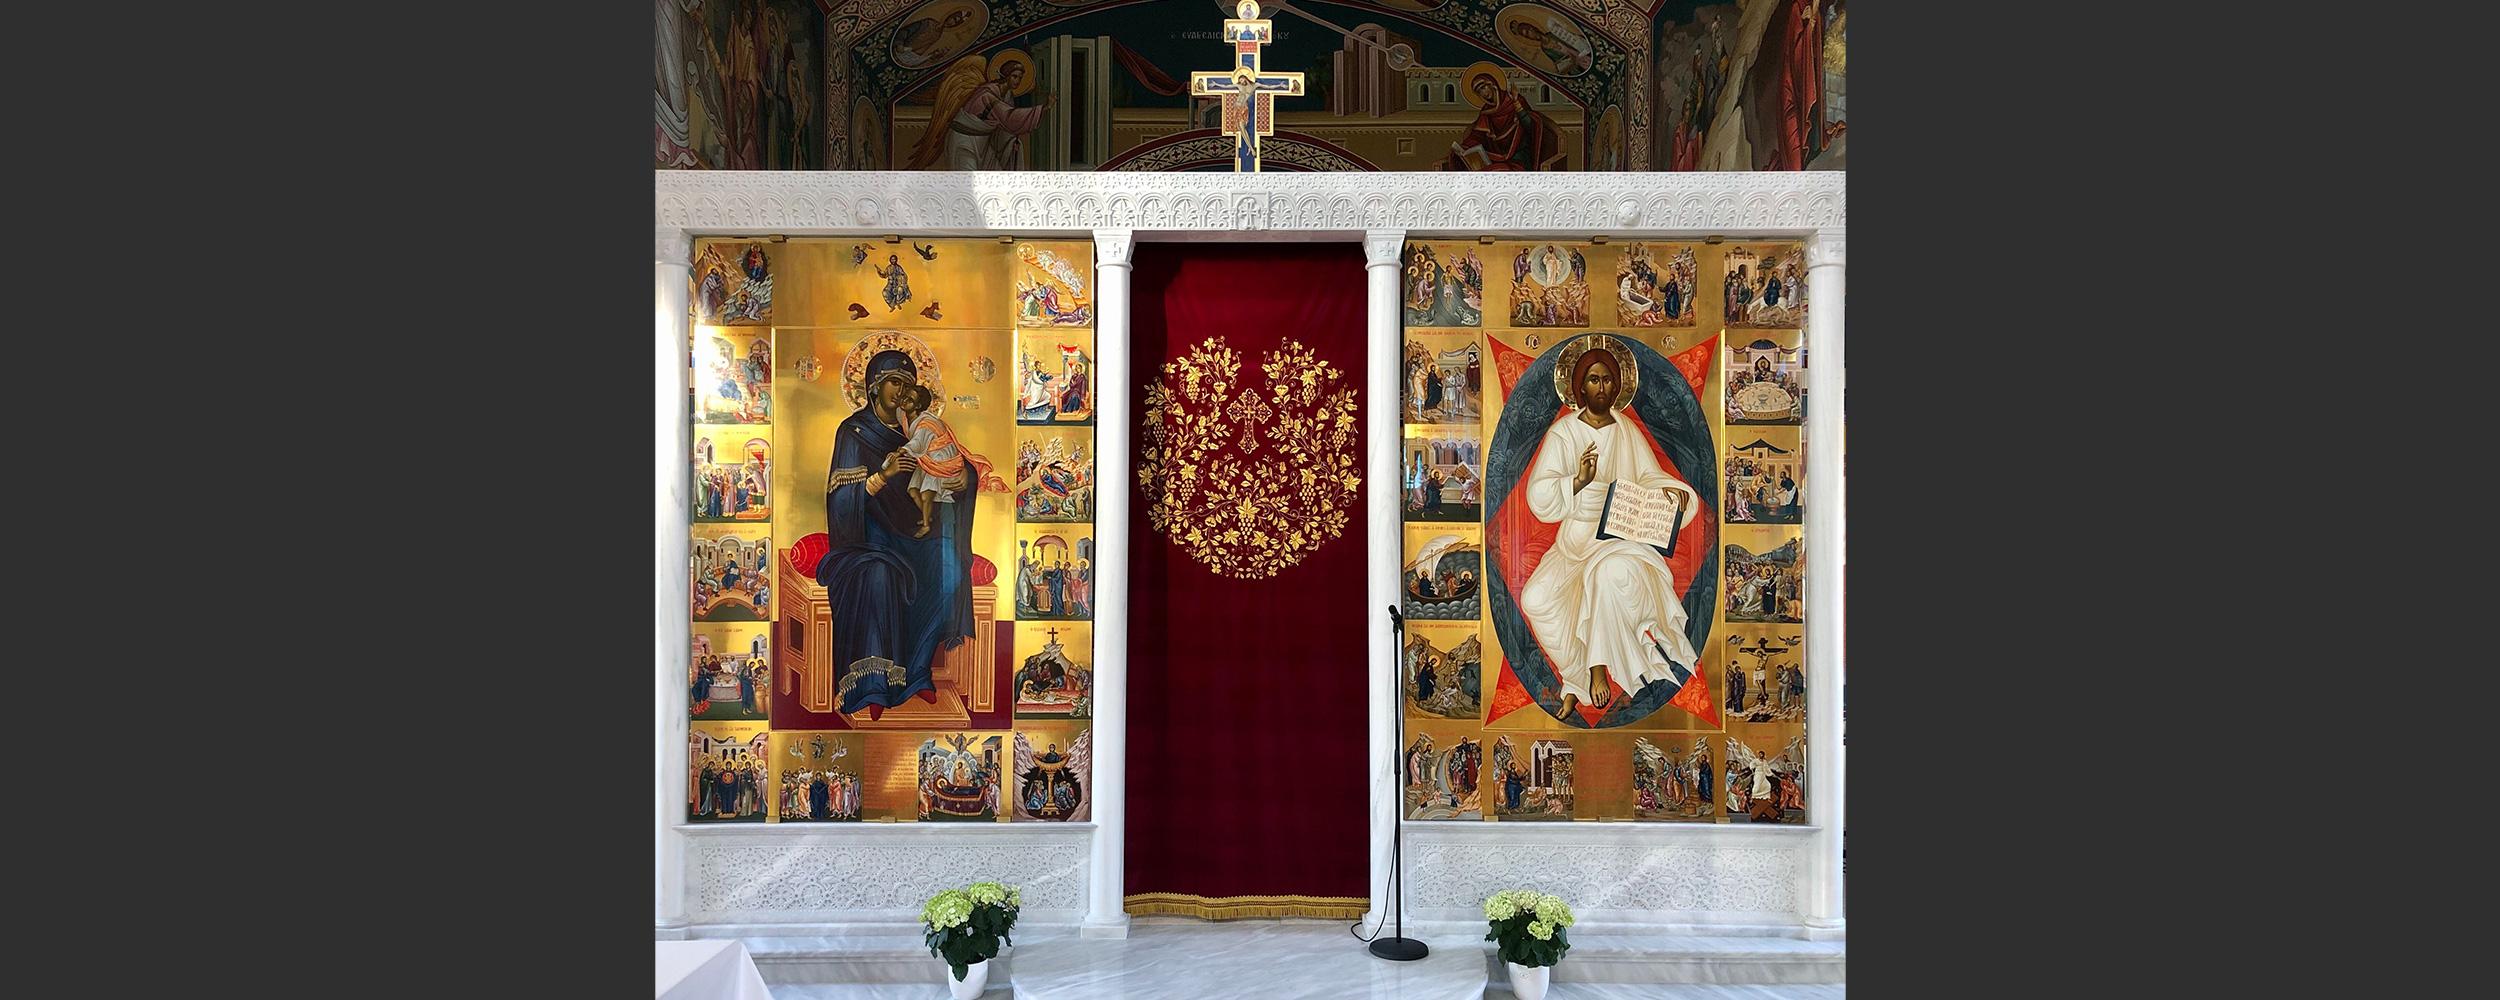 Επαναλειτουργία του Ιερού Ναού και μέτρα ασφαλείας